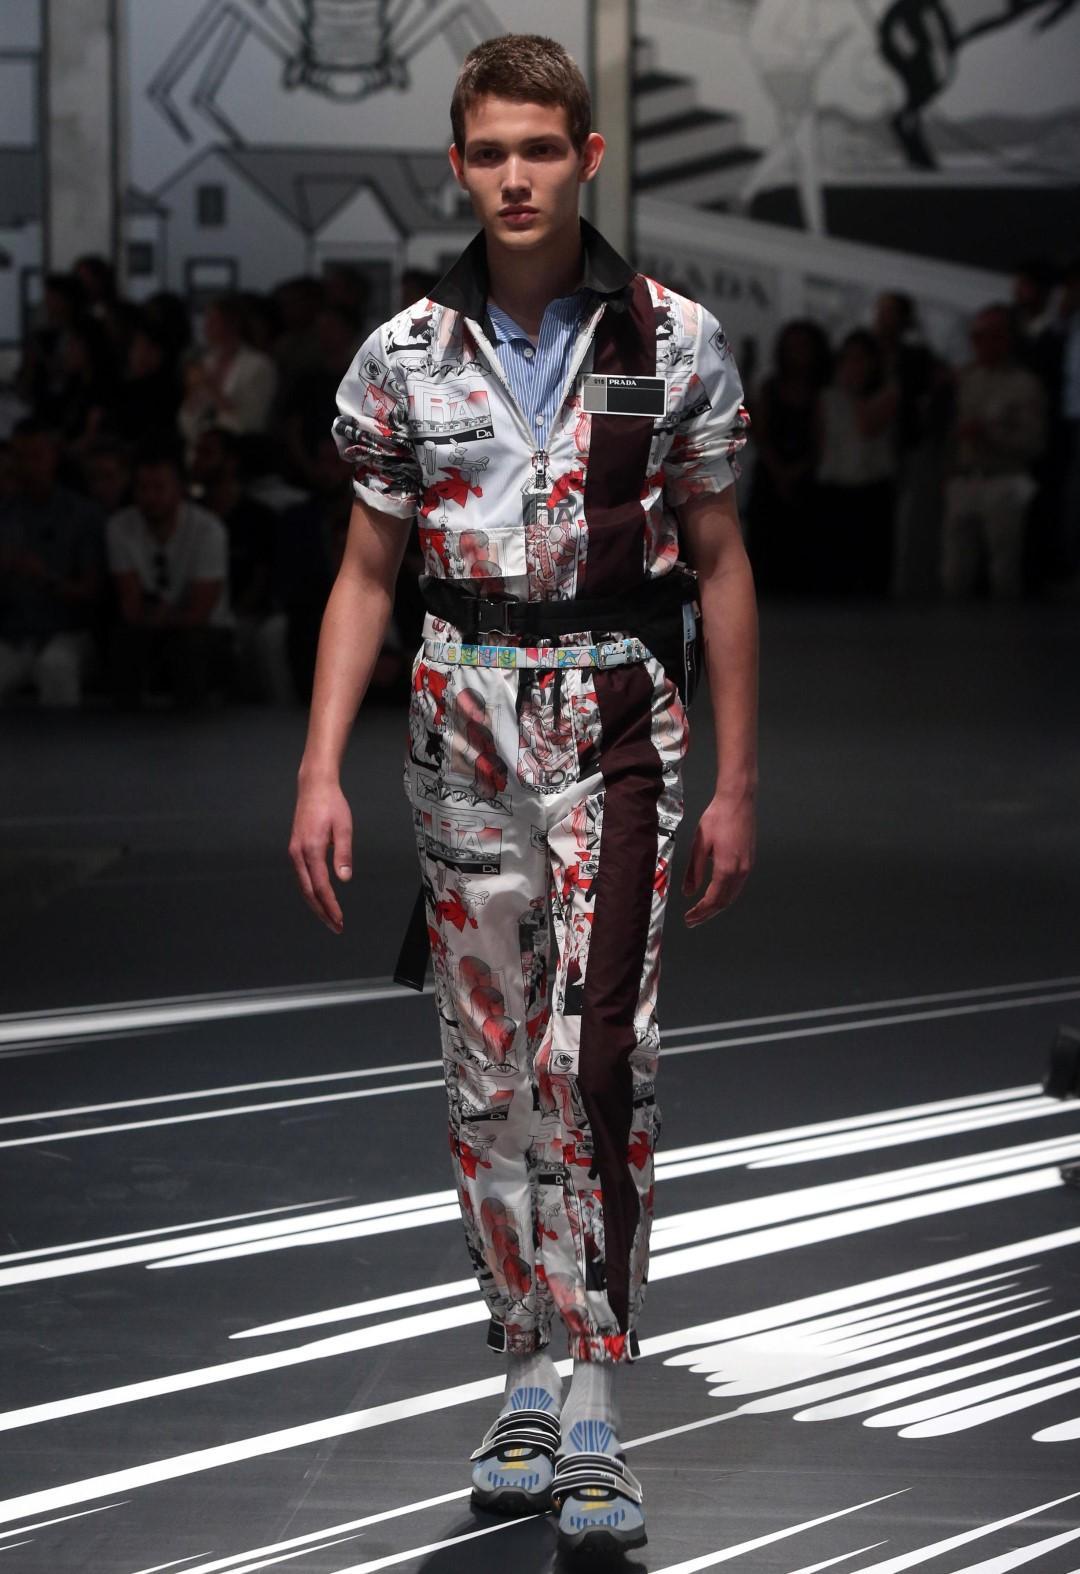 06b49ad615 Milano Moda Uomo: l'eleganza maschile in passerella - Foto Tgcom24